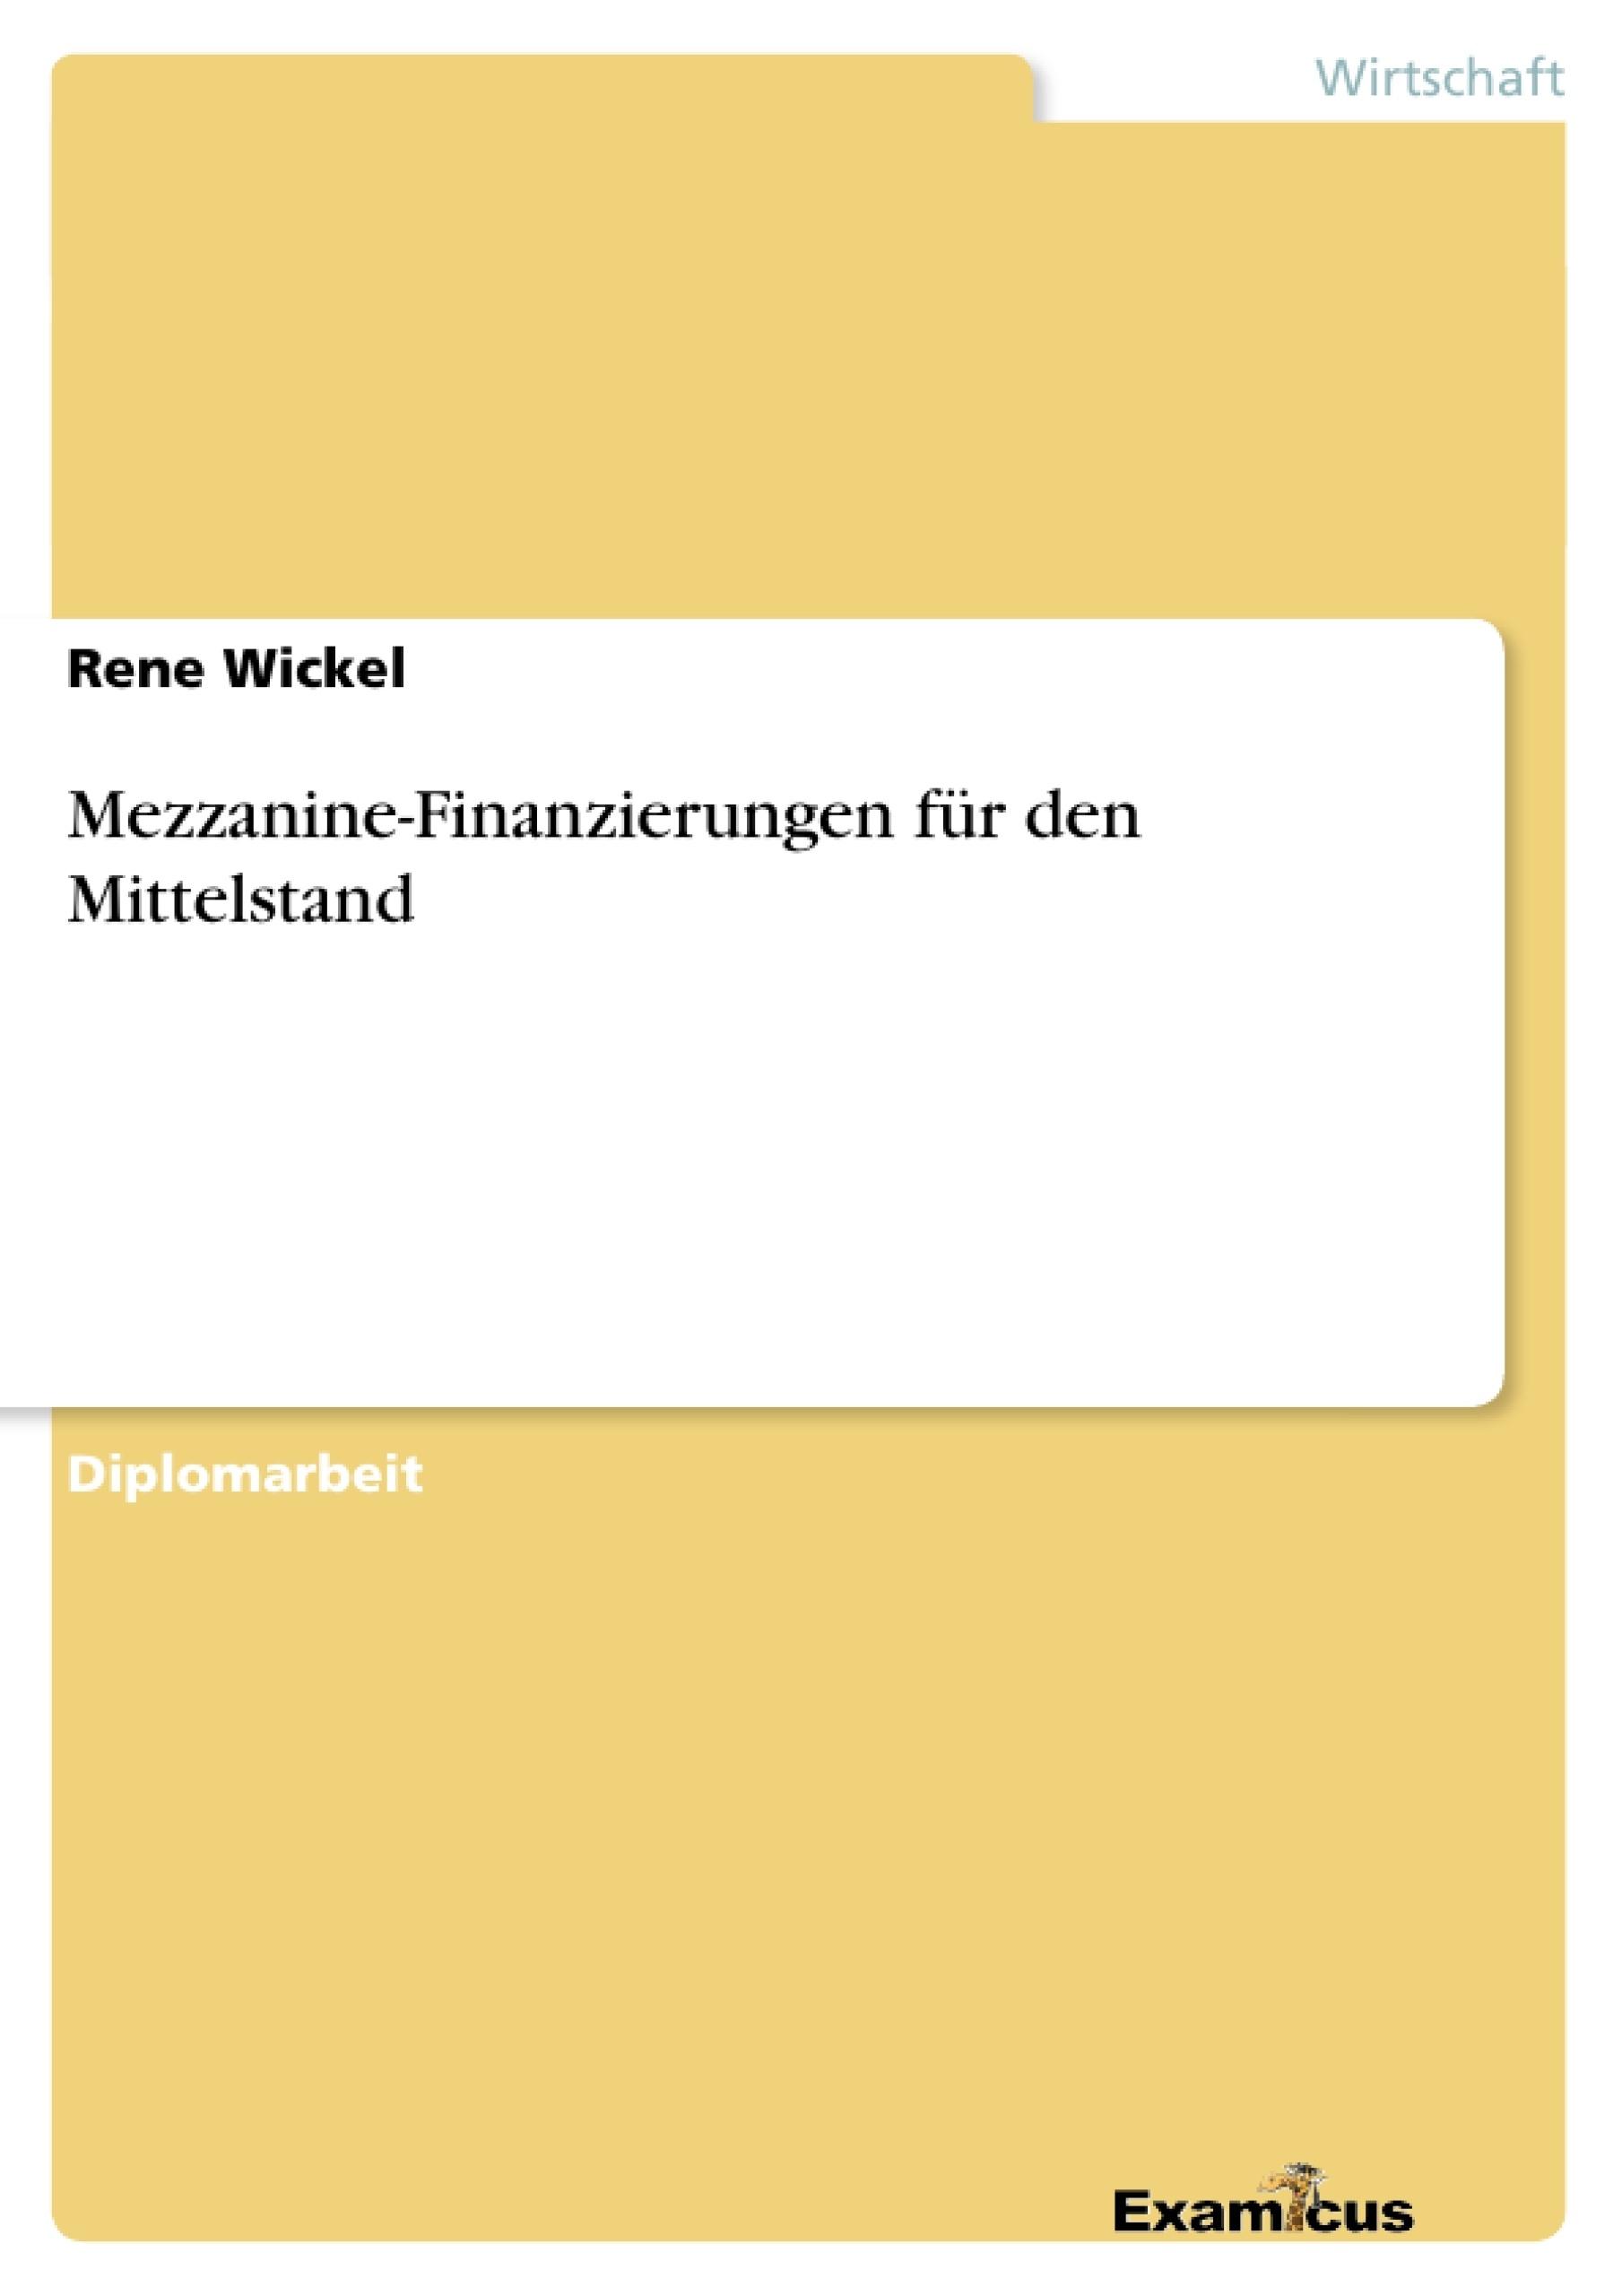 Titel: Mezzanine-Finanzierungen für den Mittelstand